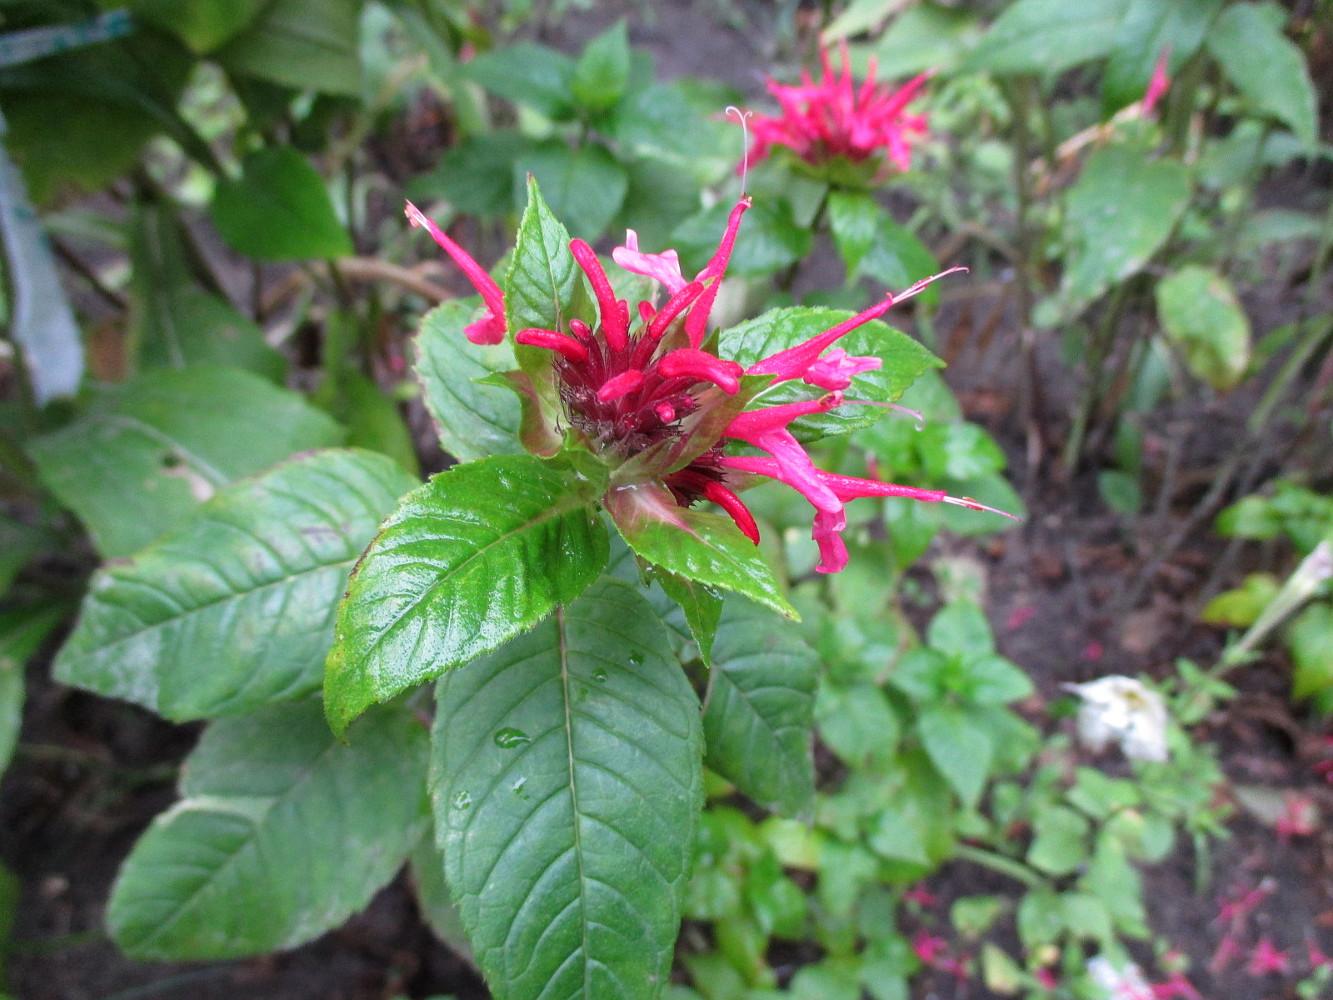 Садовый цветок монарда фото полезные свойства